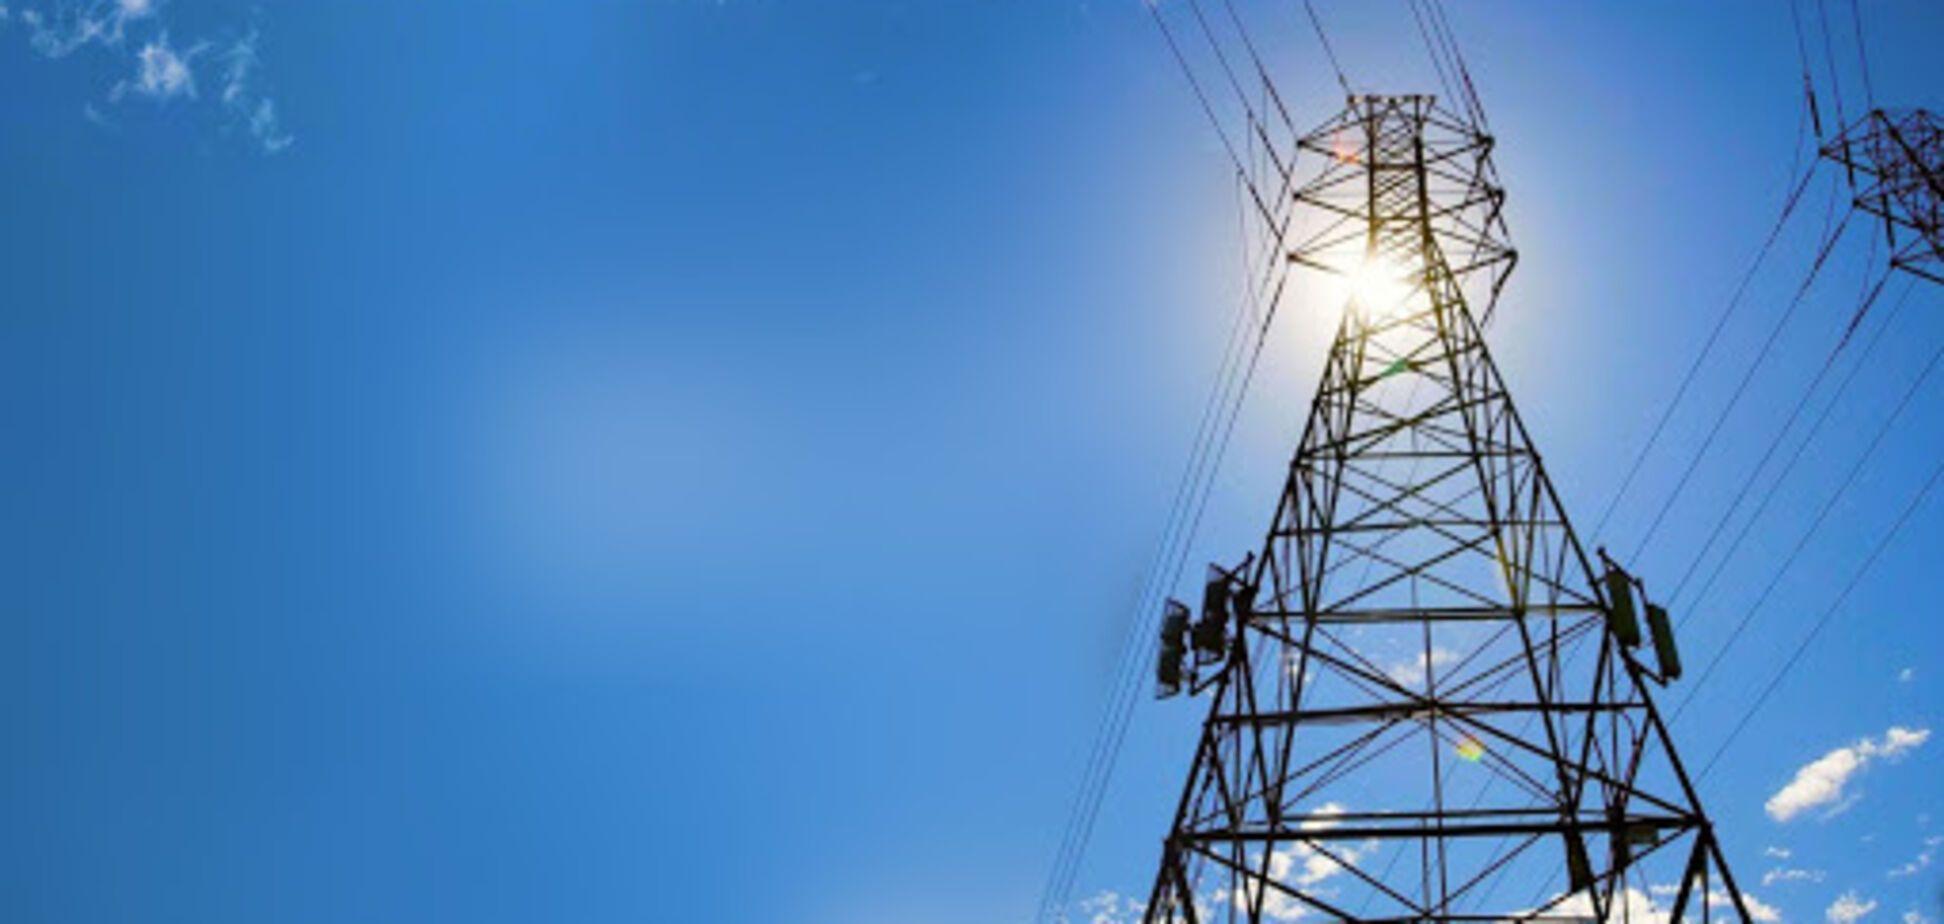 ДТЭК инвестировал уже 757 млн грн в развитие энергоинфраструктуры Одесской области